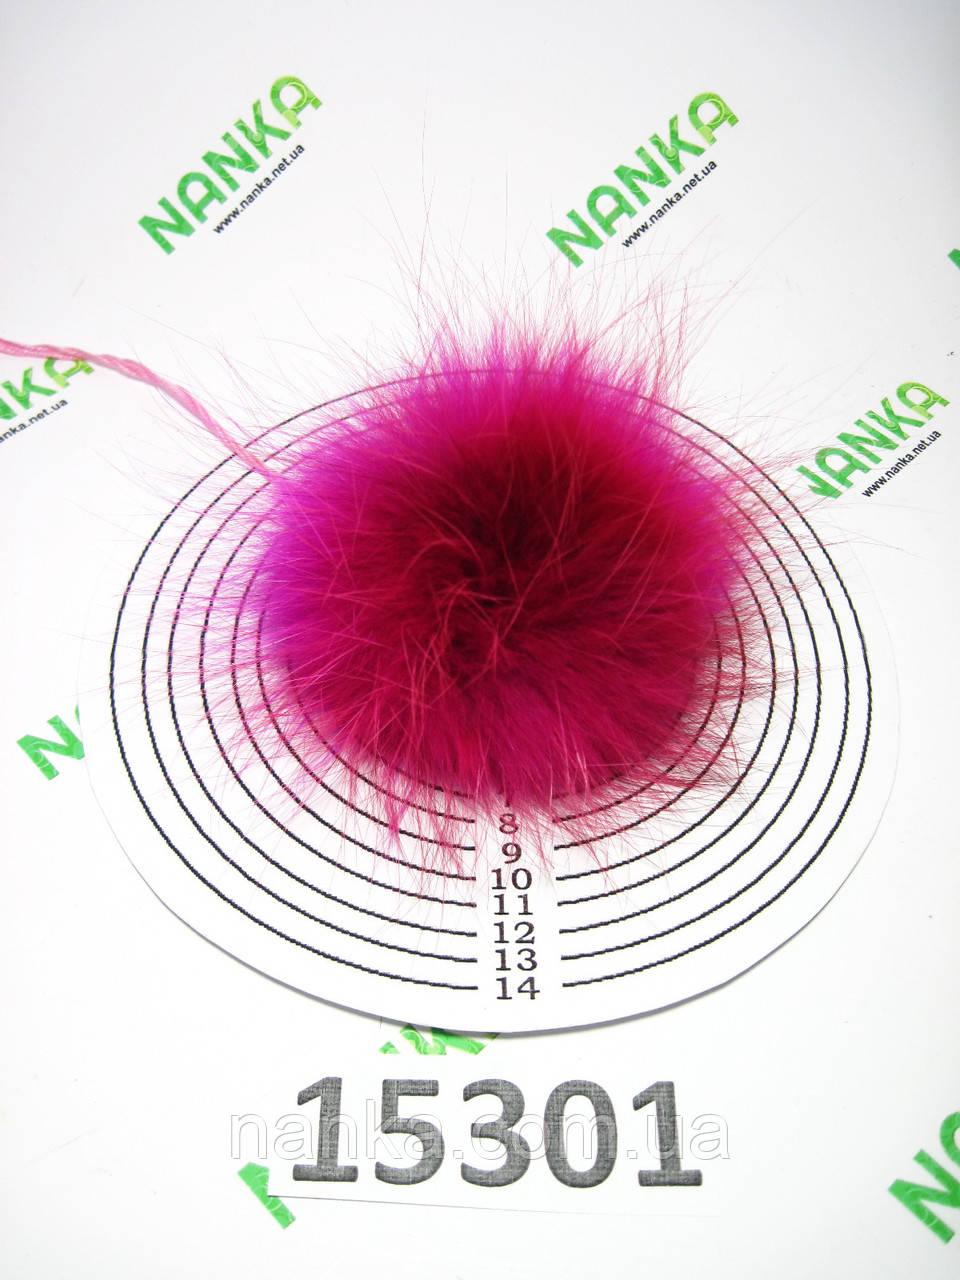 Меховой помпон Лиса, Малина, 7/10 см, 15301